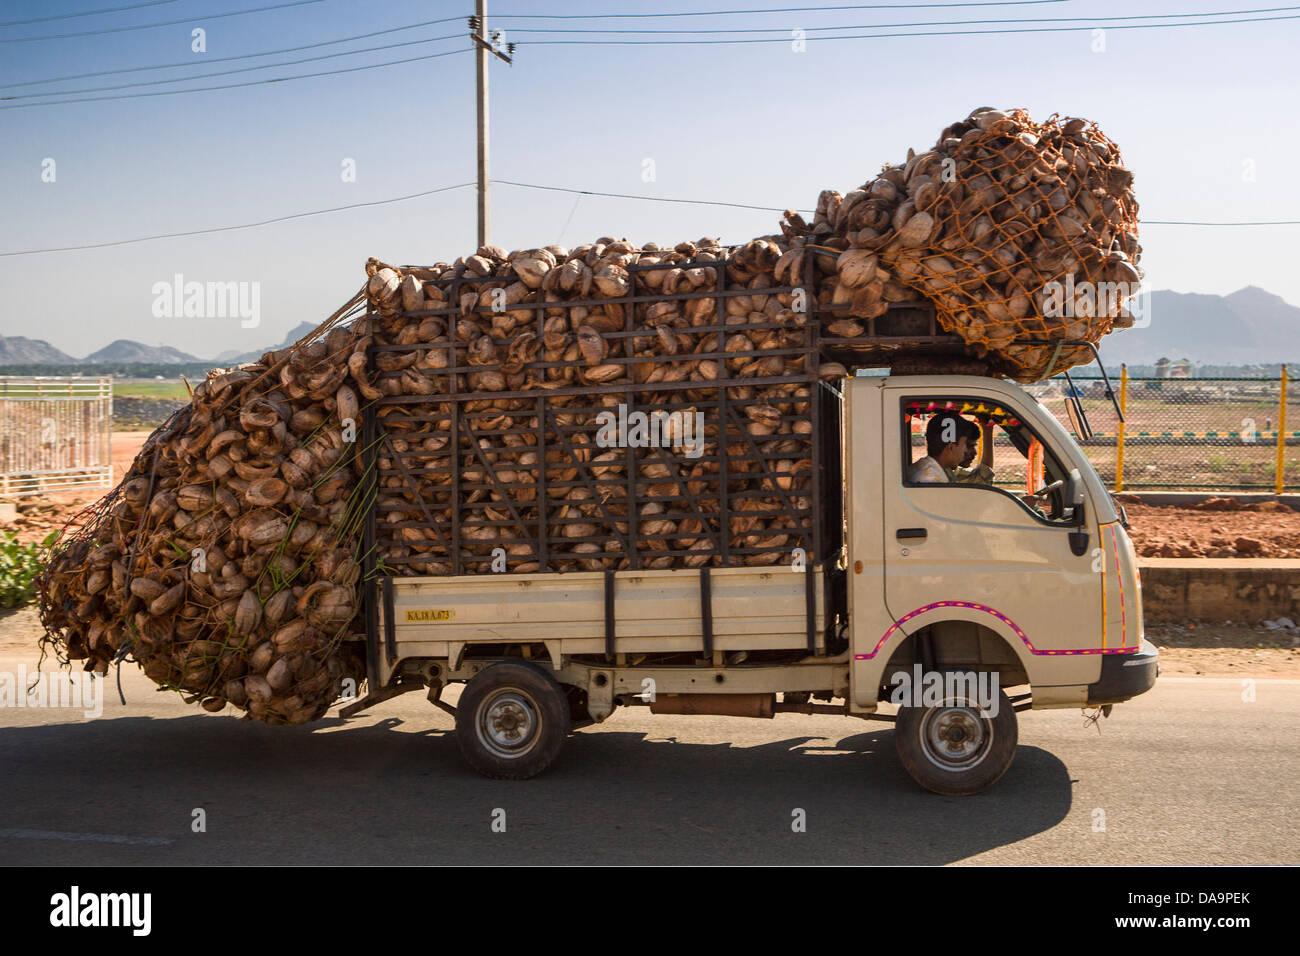 Indien, Karnataka, Südindien, Asien Verkehr, Autobahn, Kokosnuss, Auto, gefährlich, laden, Überlastung, Stockbild